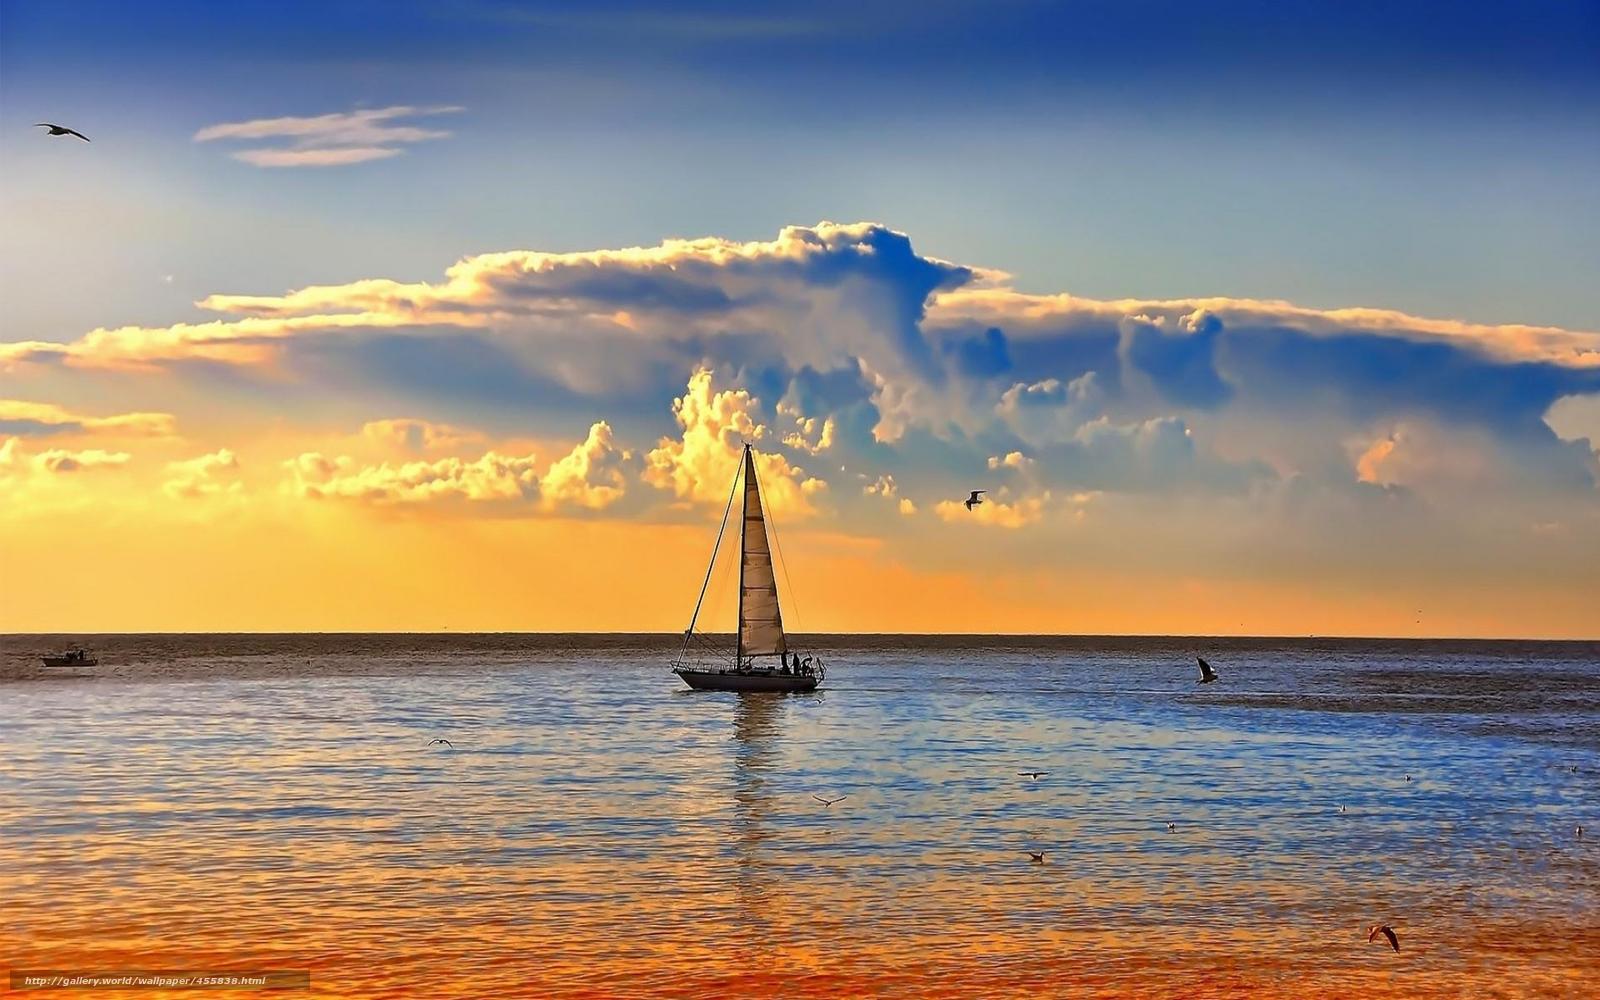 Segelschiffe auf dem meer sonnenuntergang  Download Hintergrund Meer, Sonnenuntergang, Segelschiff Freie ...